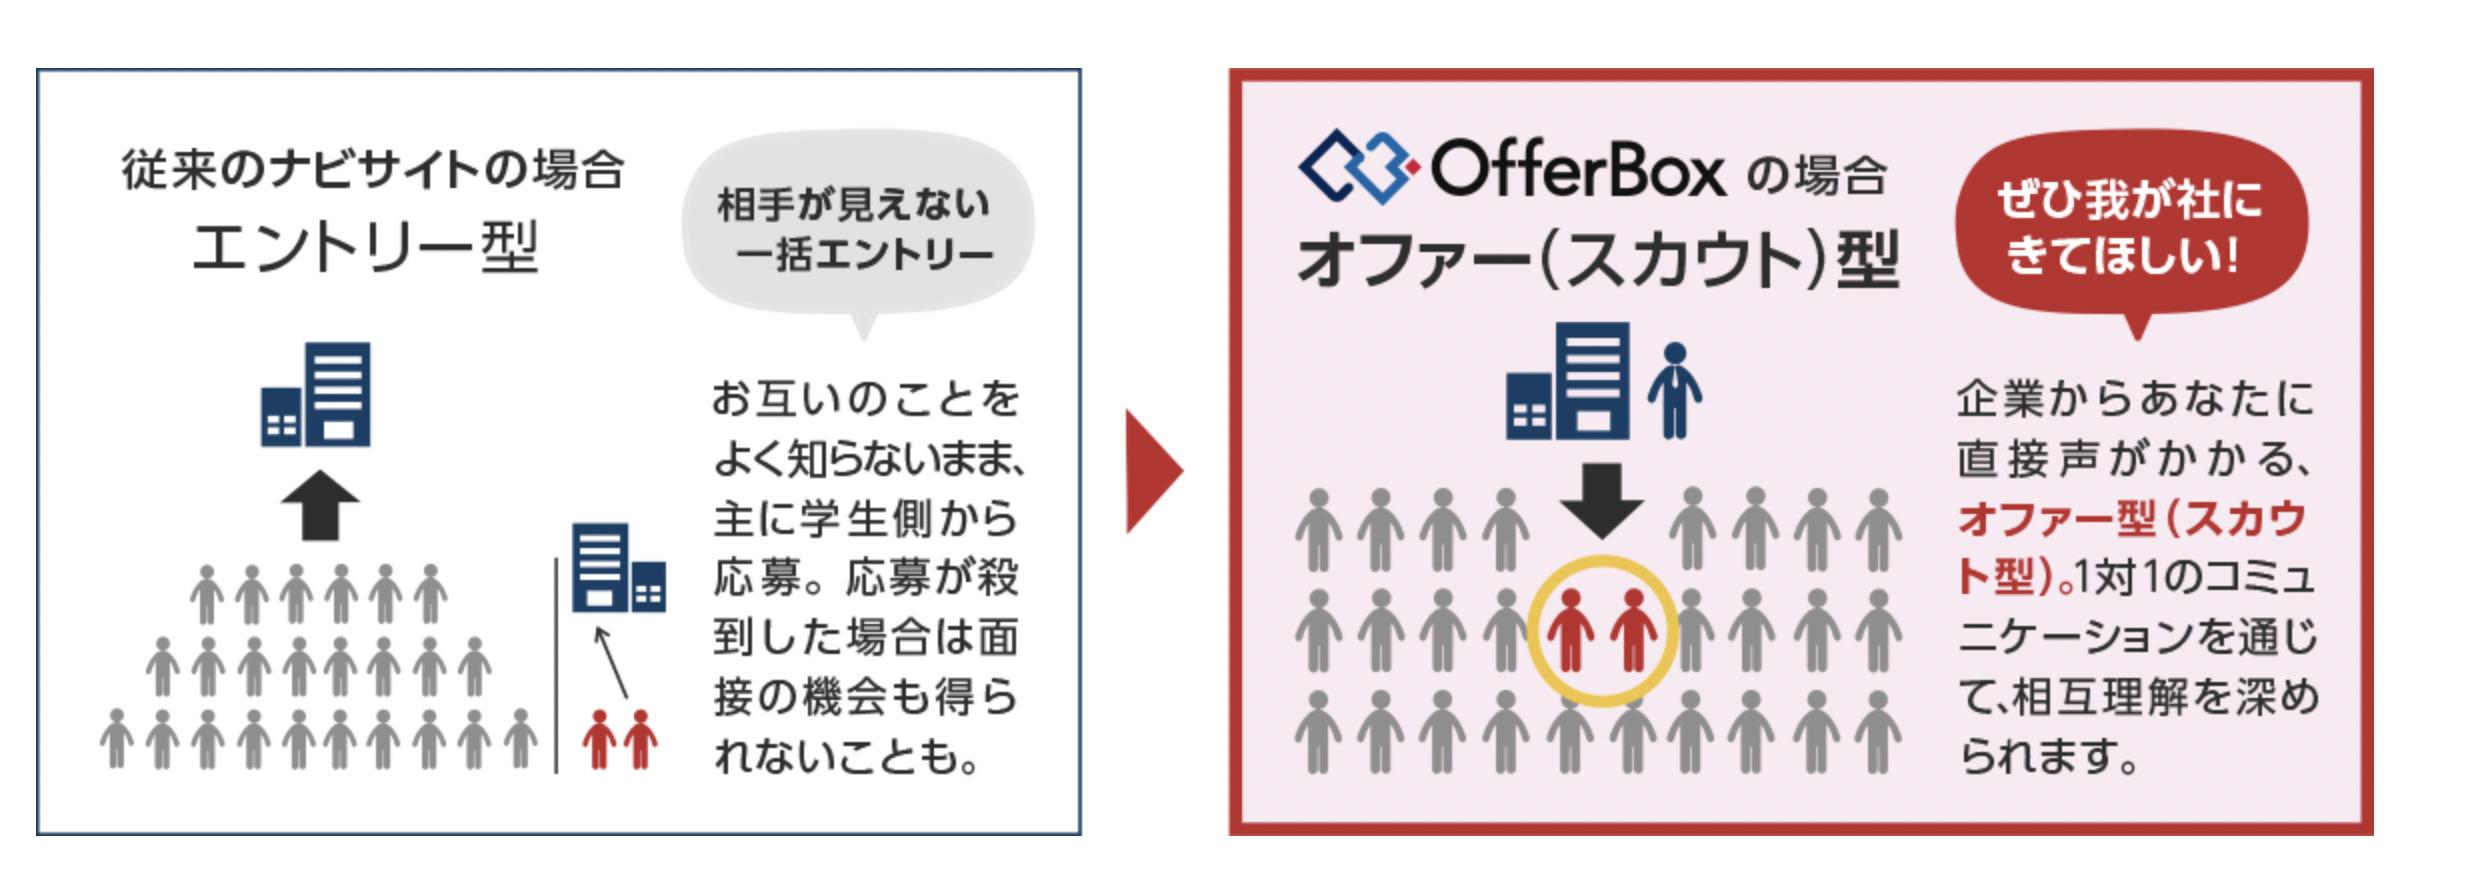 OfferBox とは